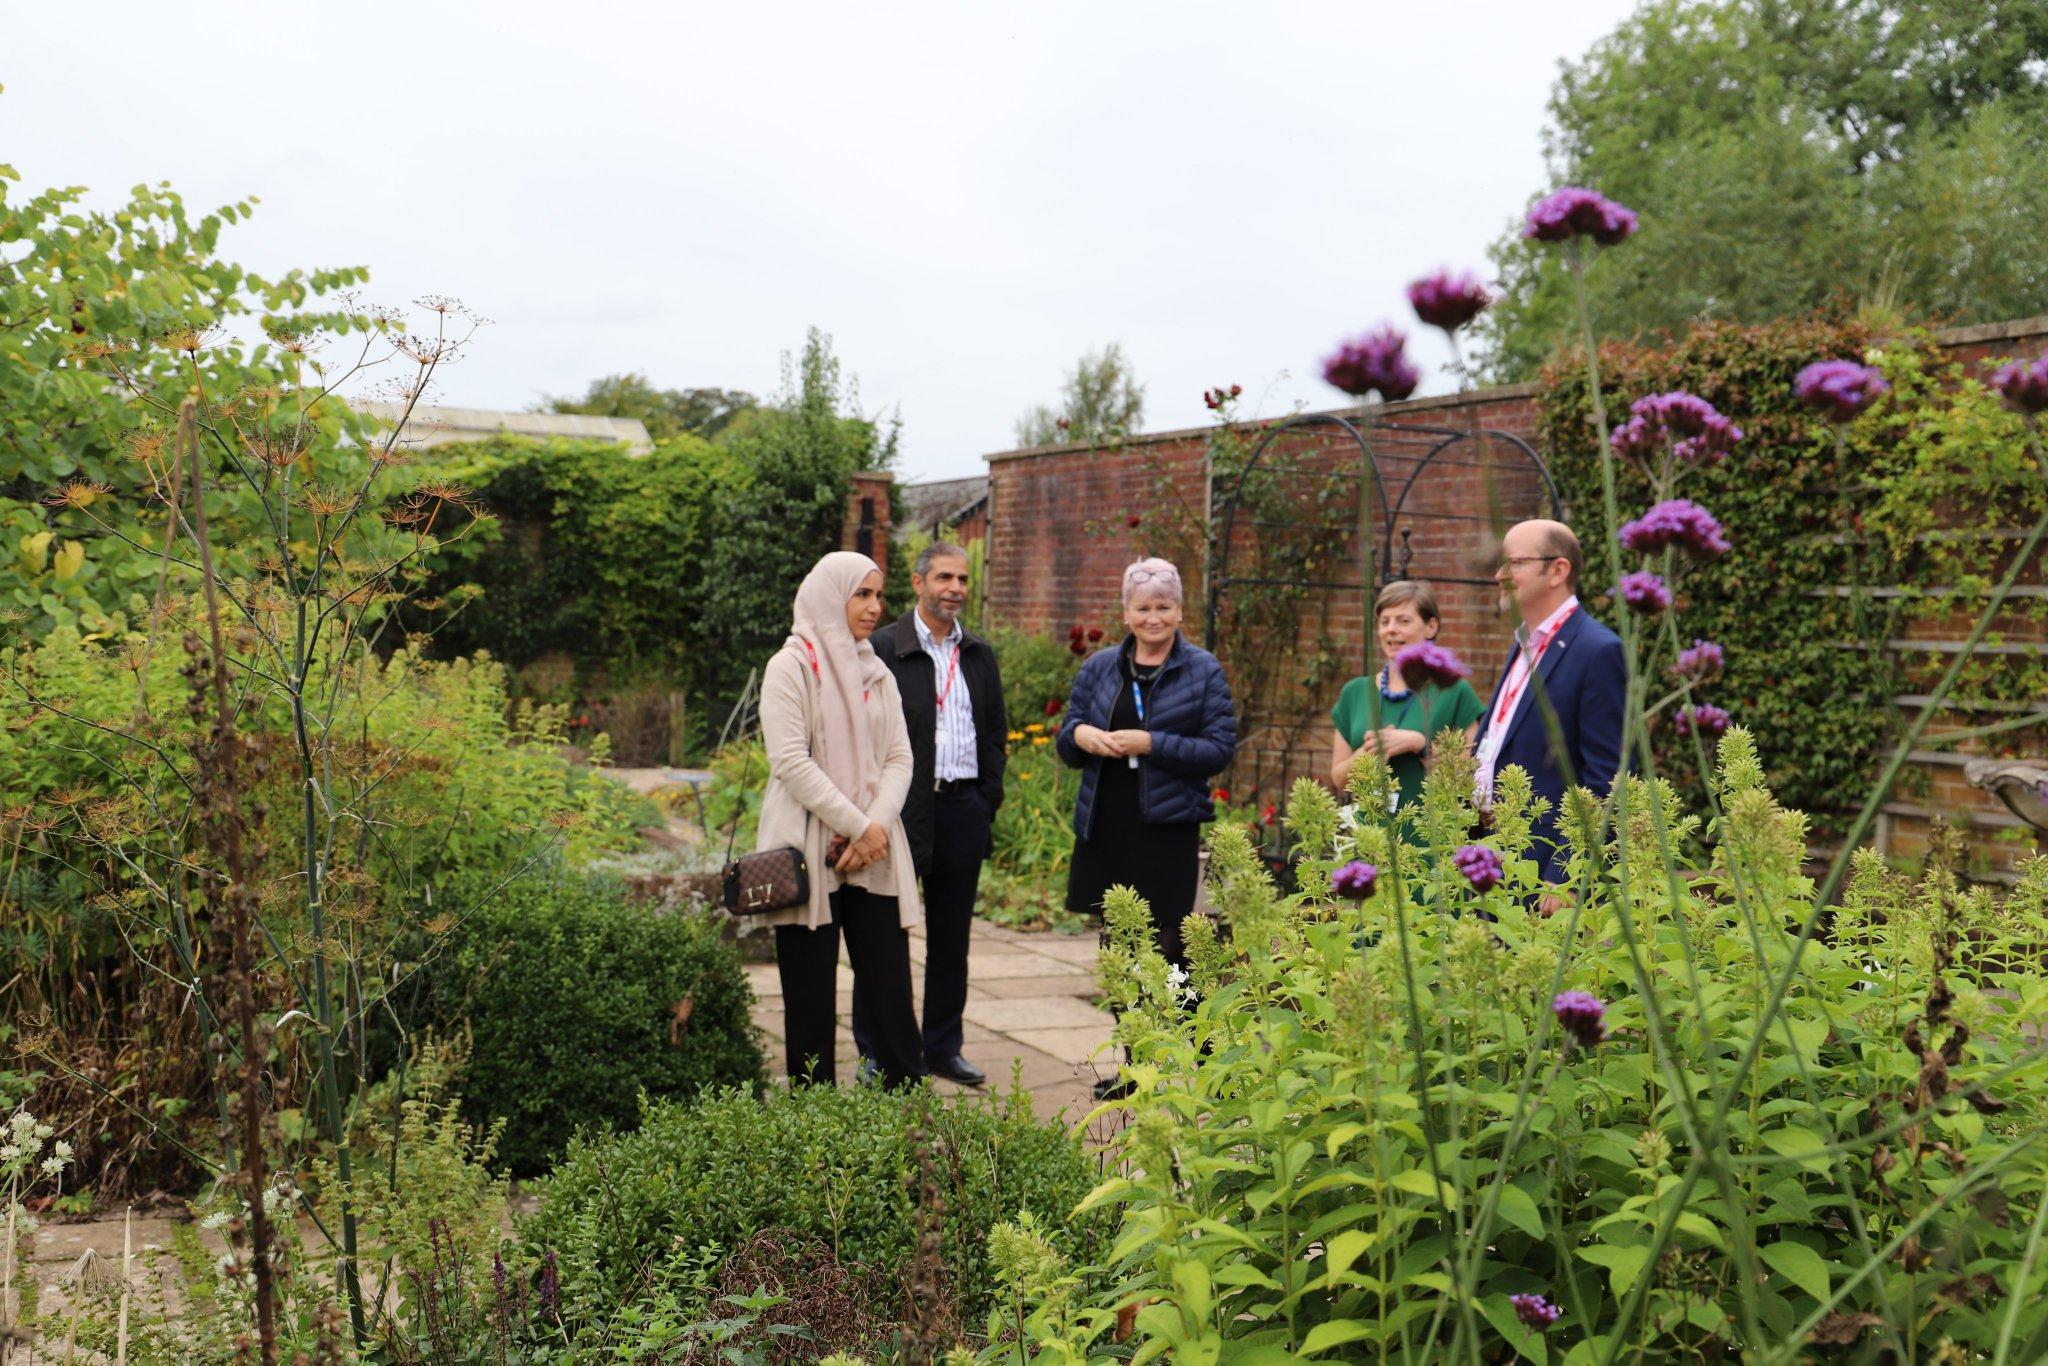 Enjoying the walled garden at Derwen College